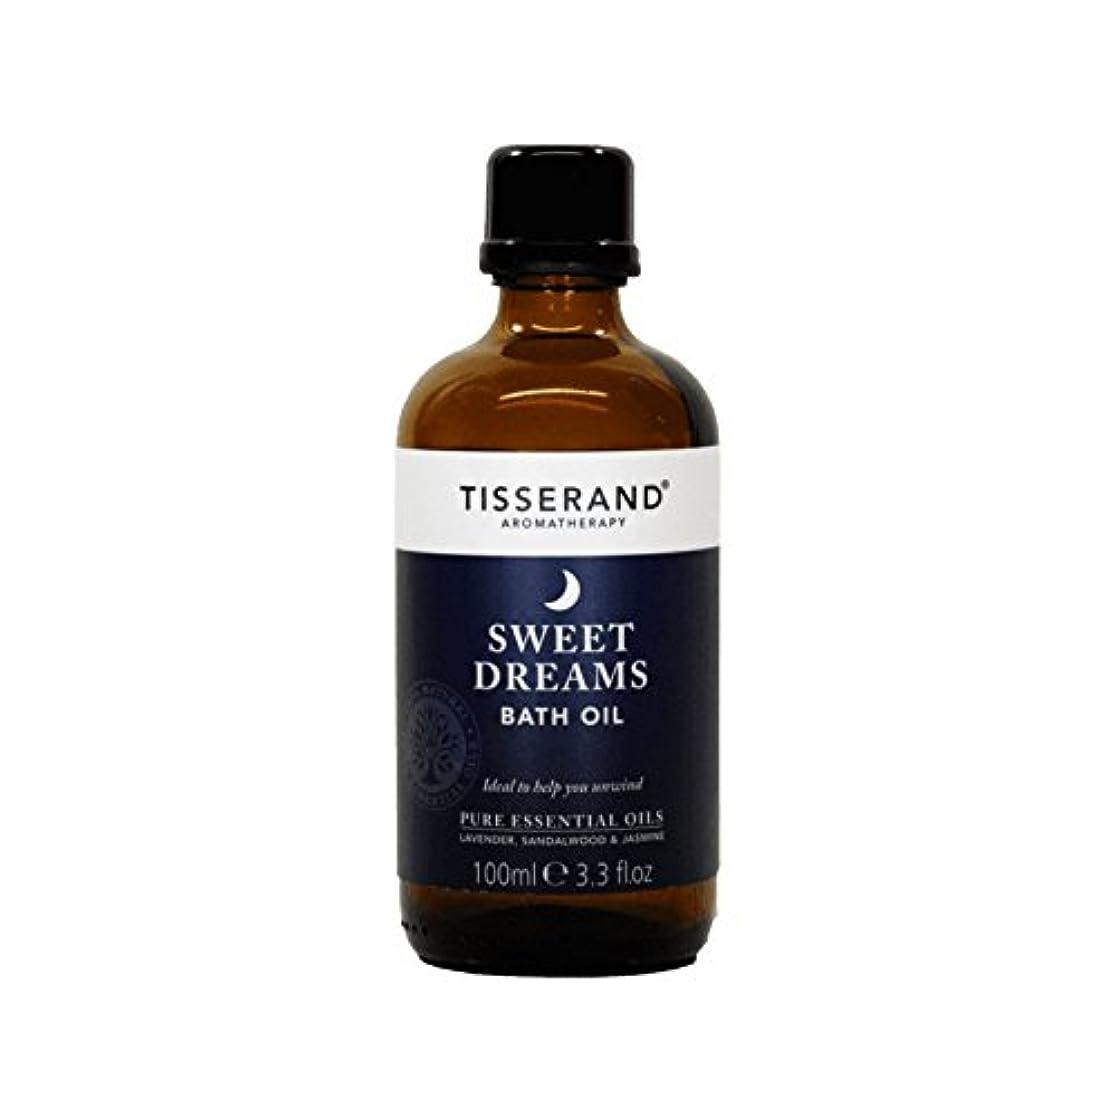 人工事実ドラムTisserand Sweet Dreams Bath Oil 100ml (Pack of 2) - ティスランド甘い夢バスオイルの100ミリリットル (x2) [並行輸入品]